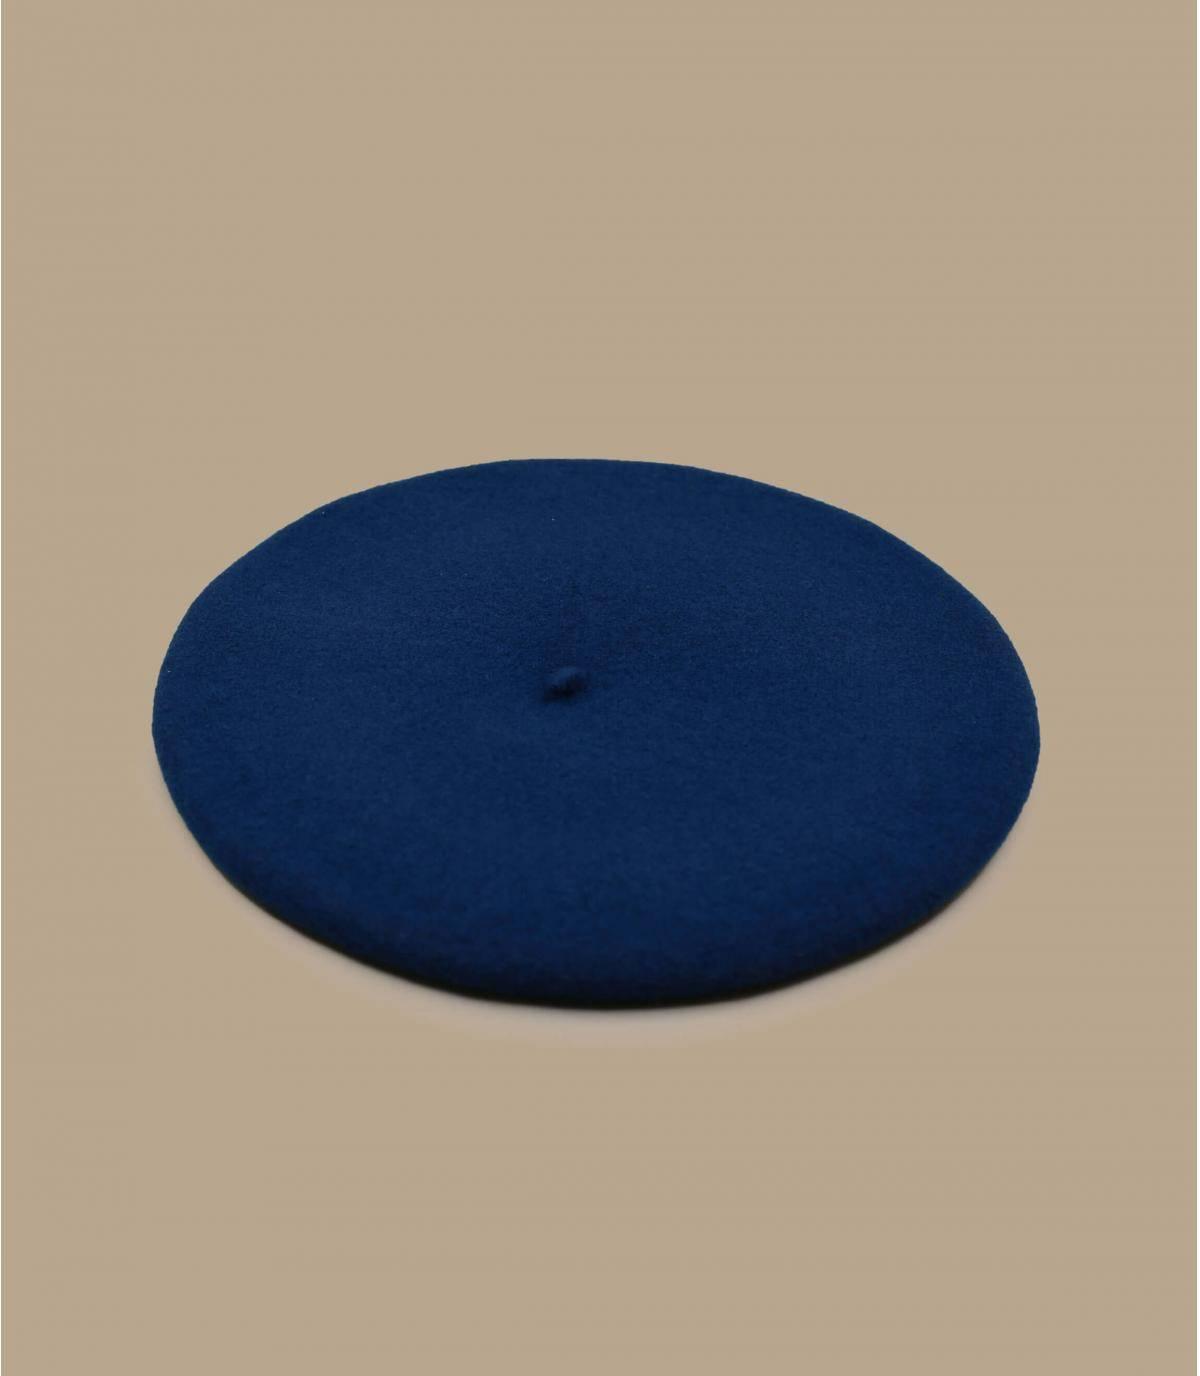 béret laine bleu